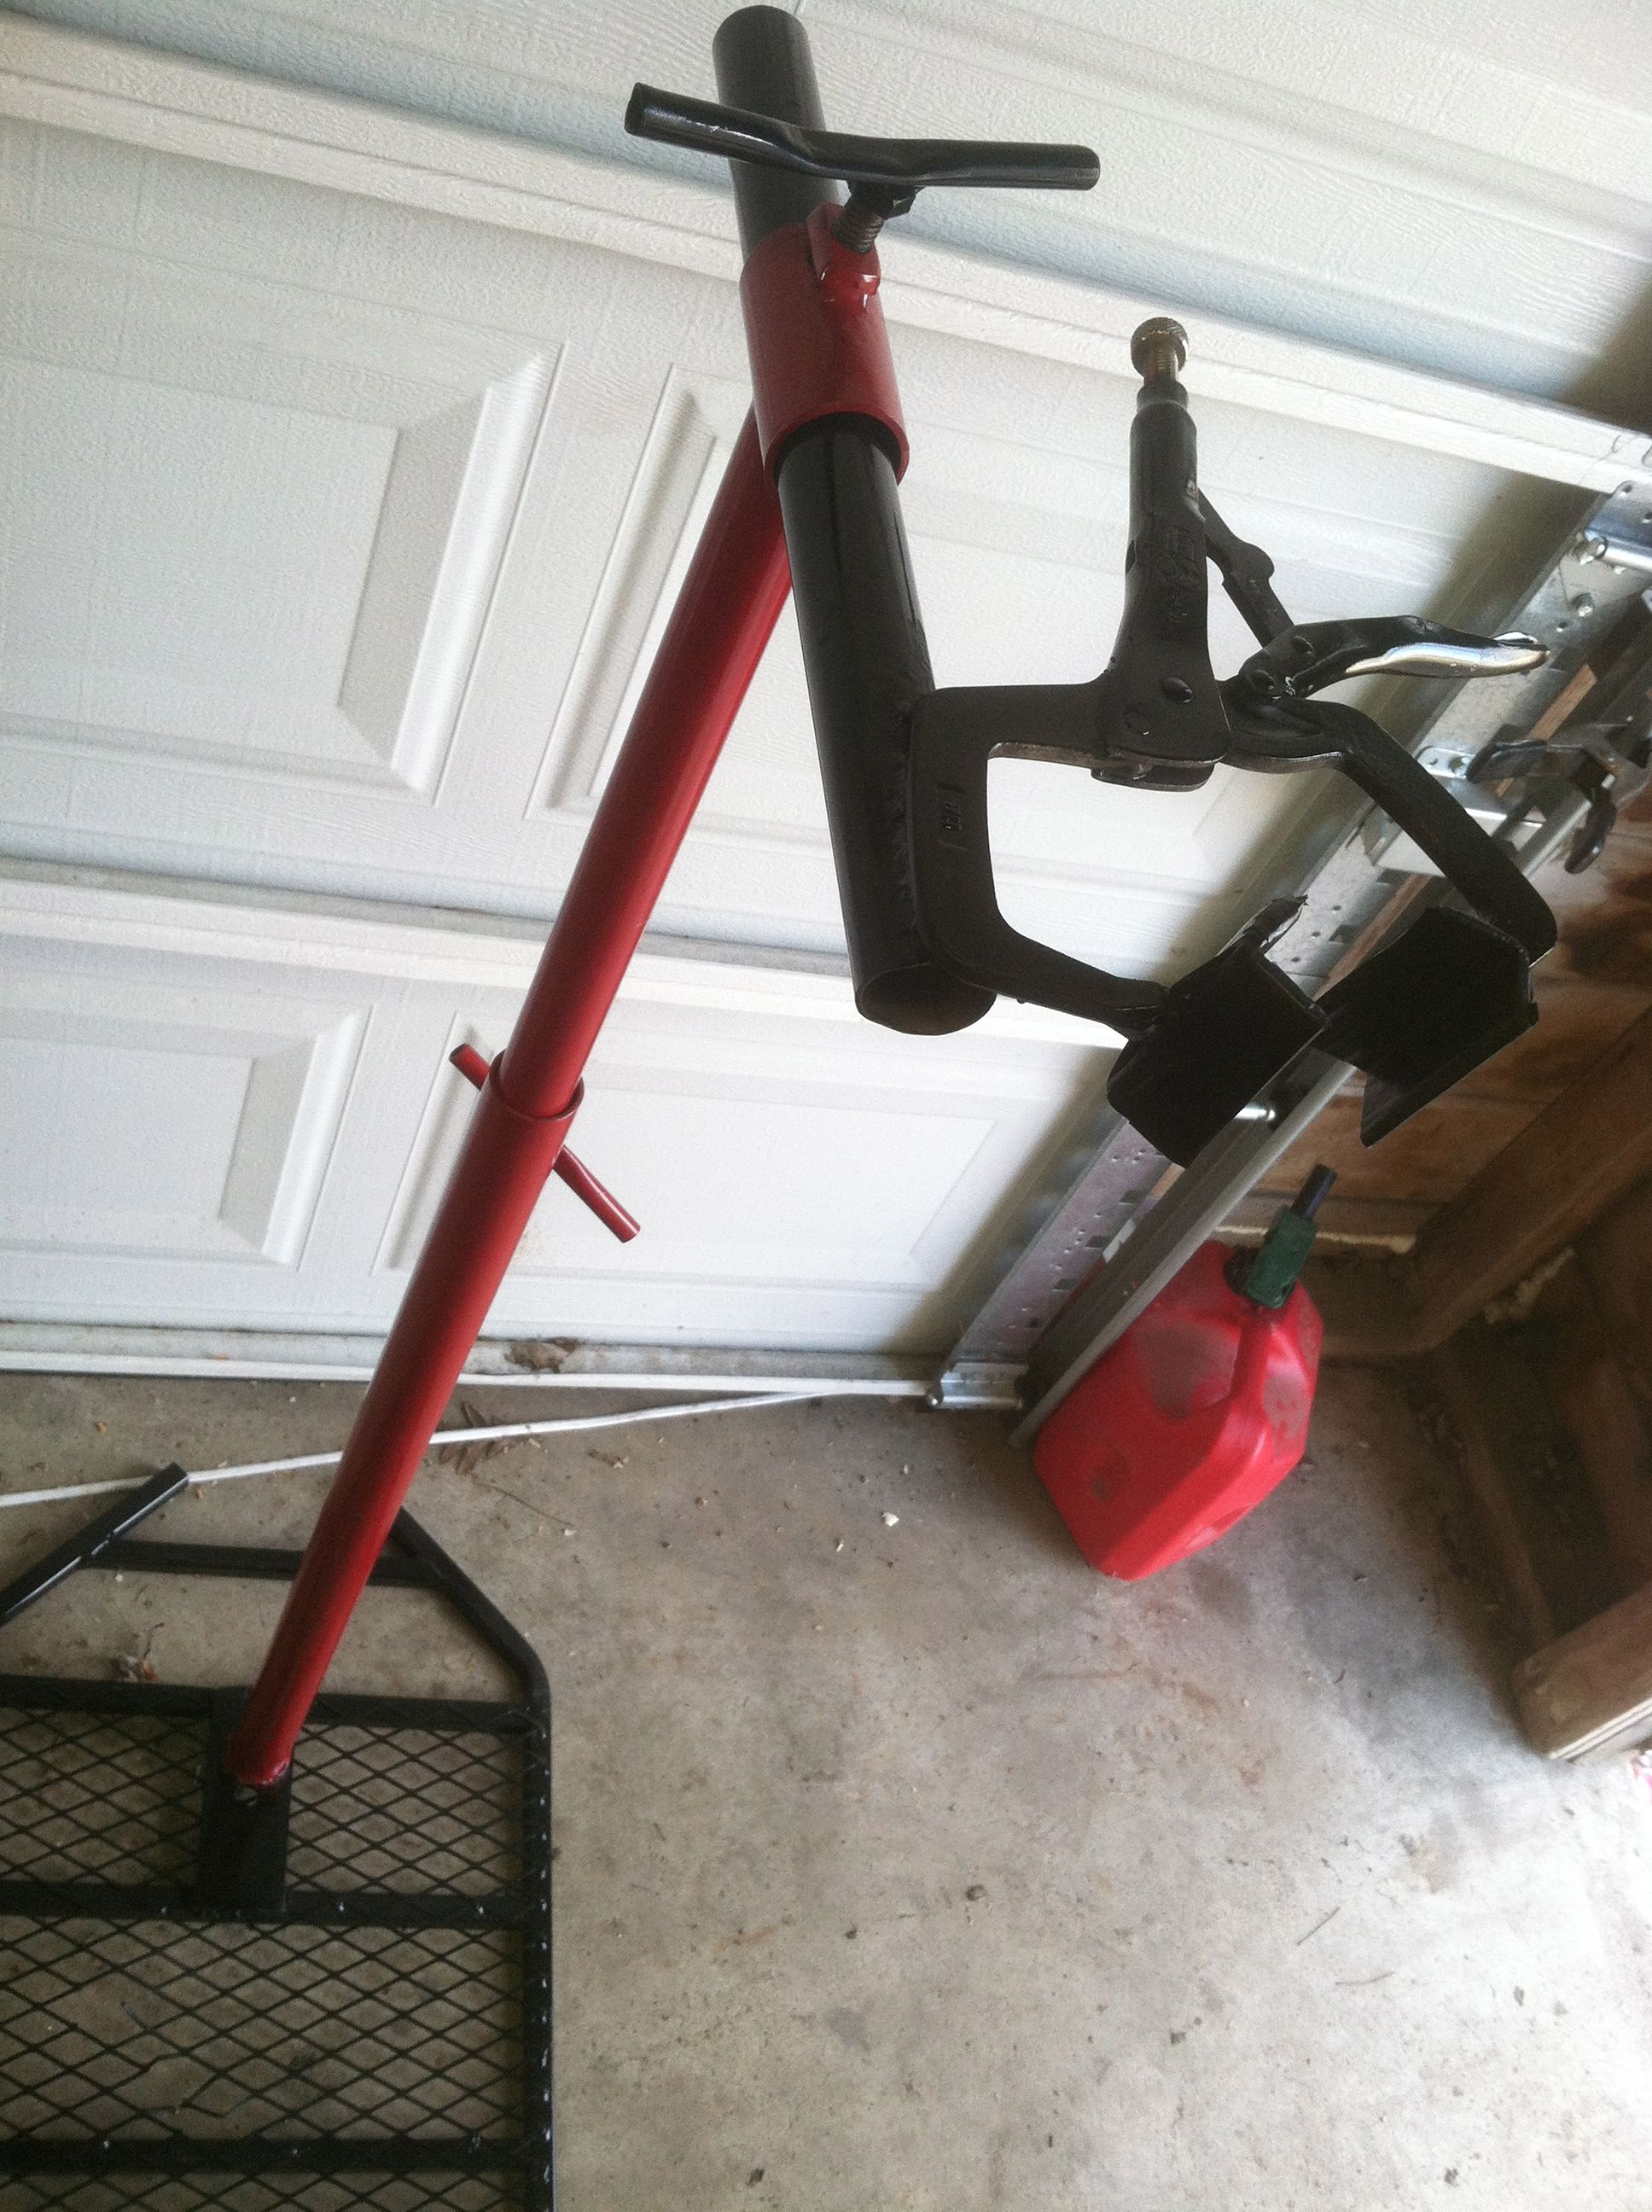 Diy Bicycle Repair Stand Clamp DIY Bike Repair Stand Clamp